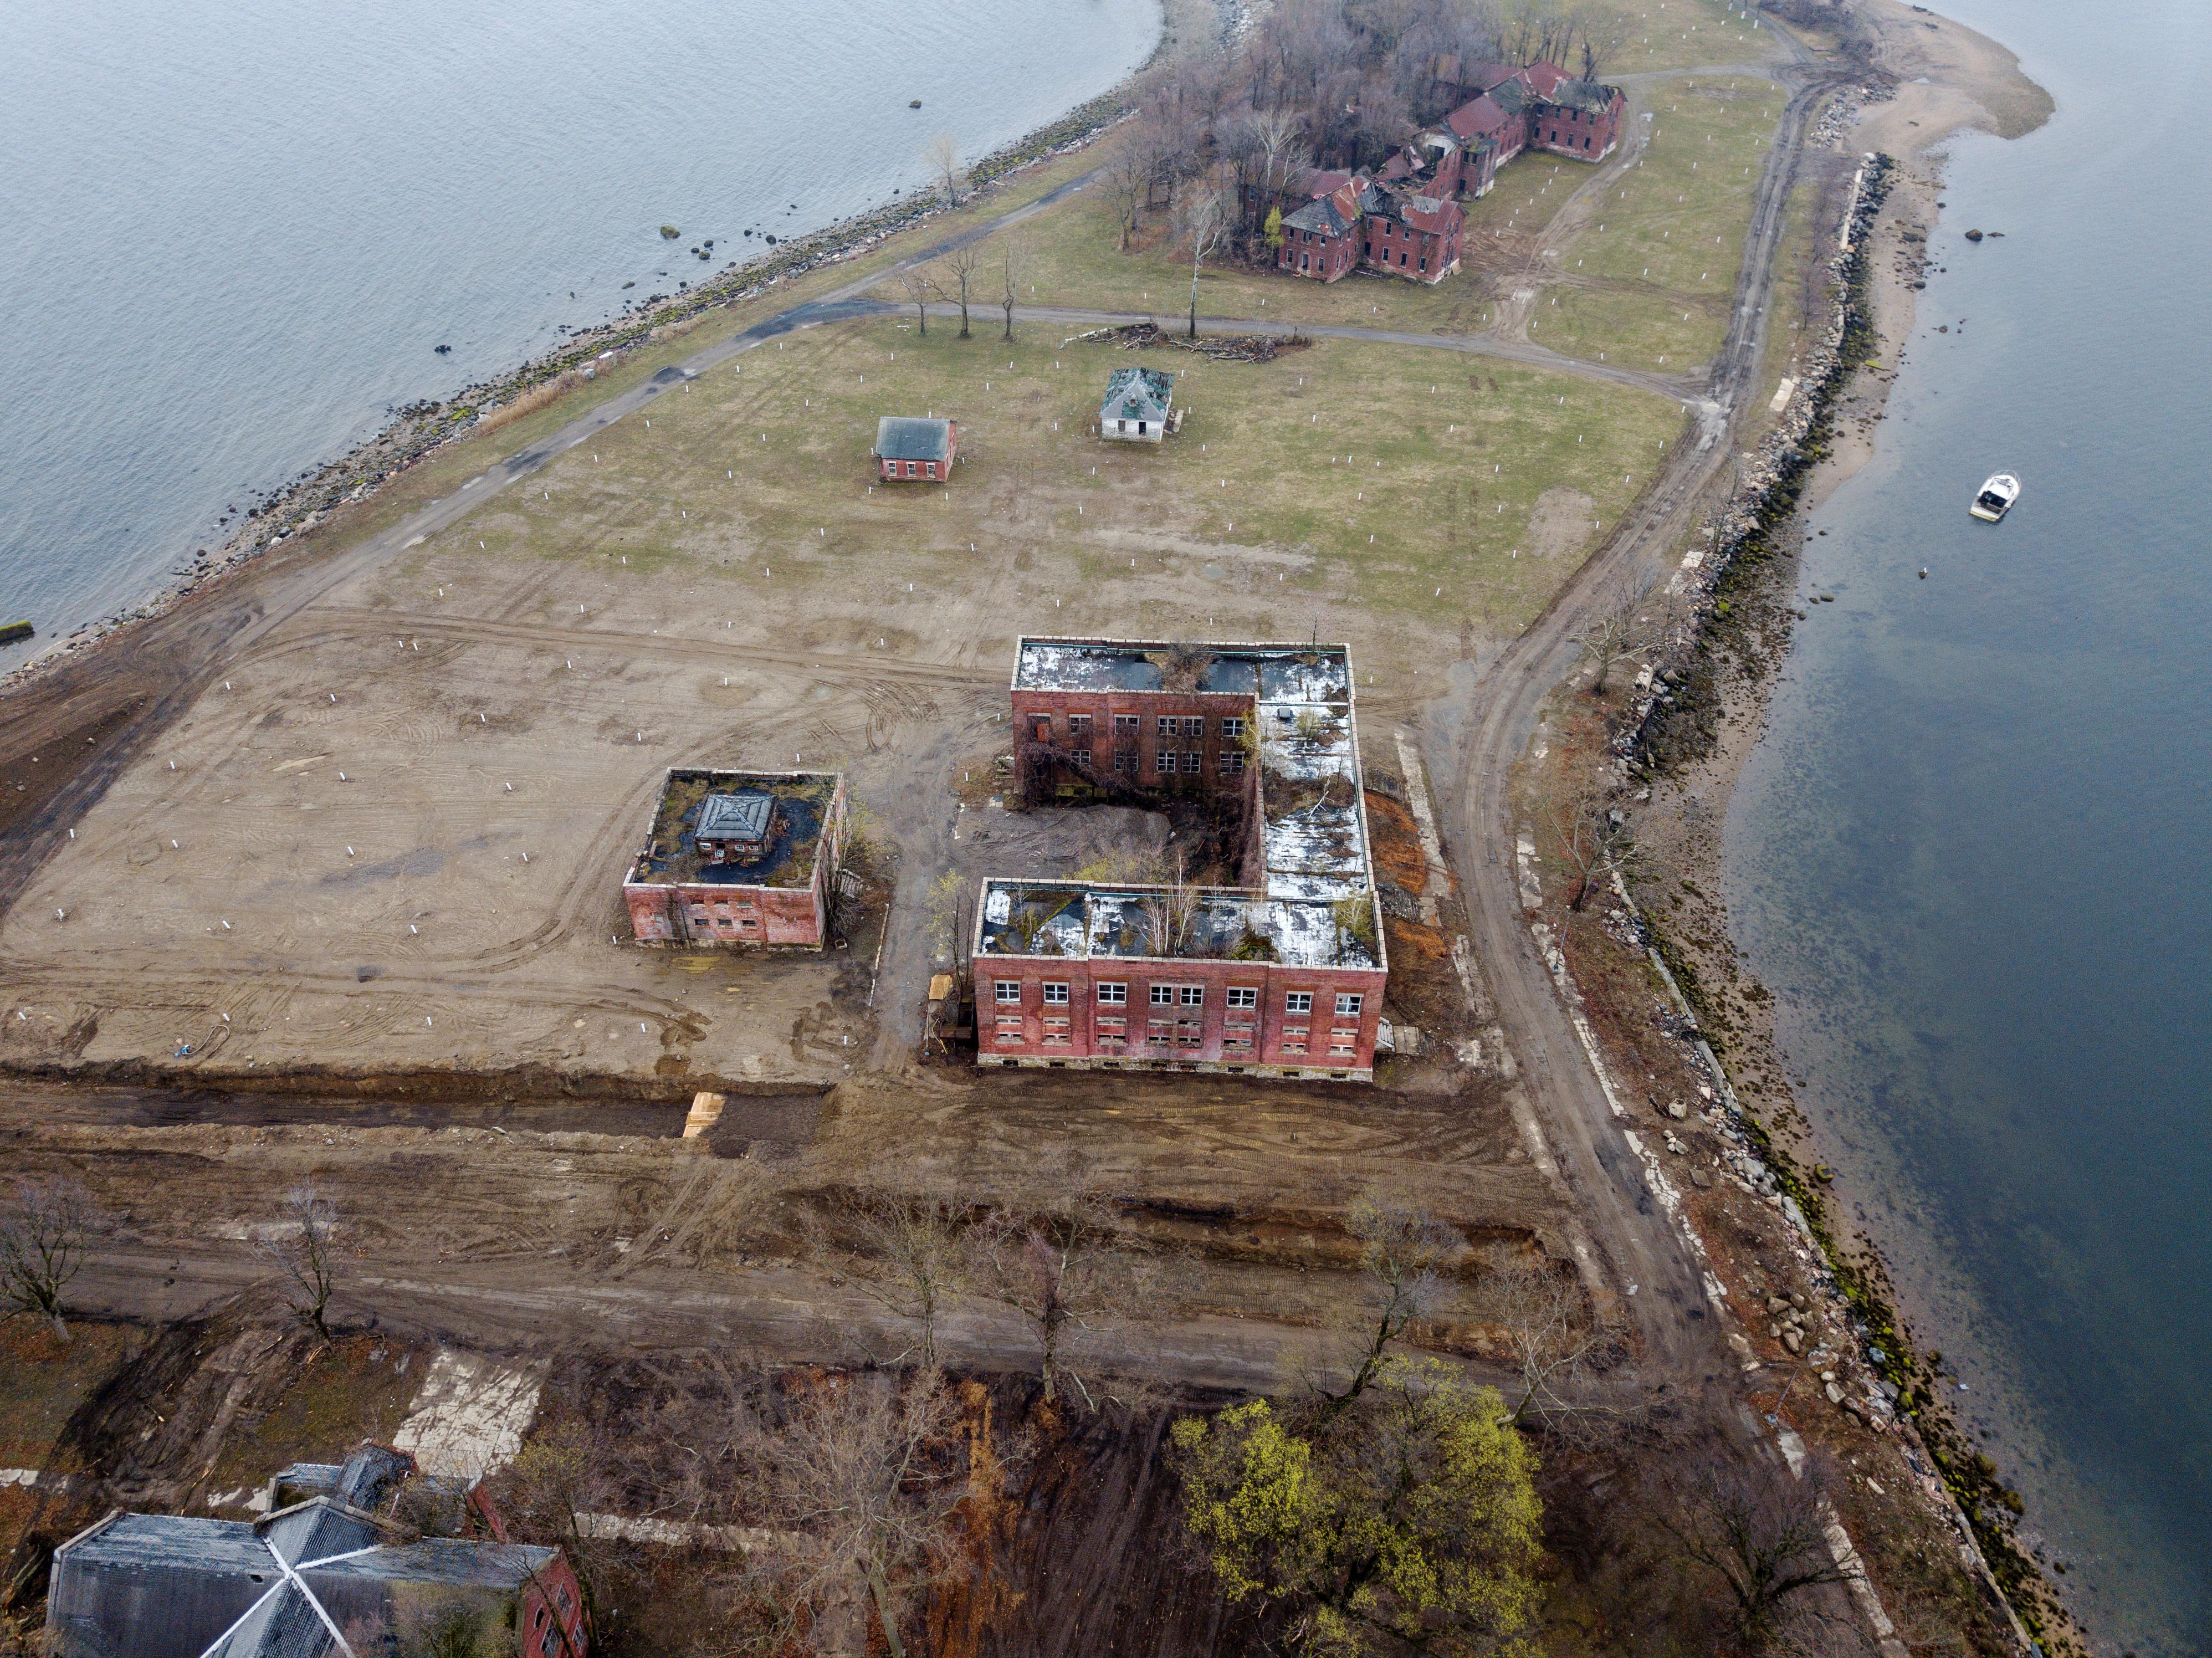 تحتل مقبرة مدينة نيويورك في جزيرة هارت أكثر من 53 ألف هكتار